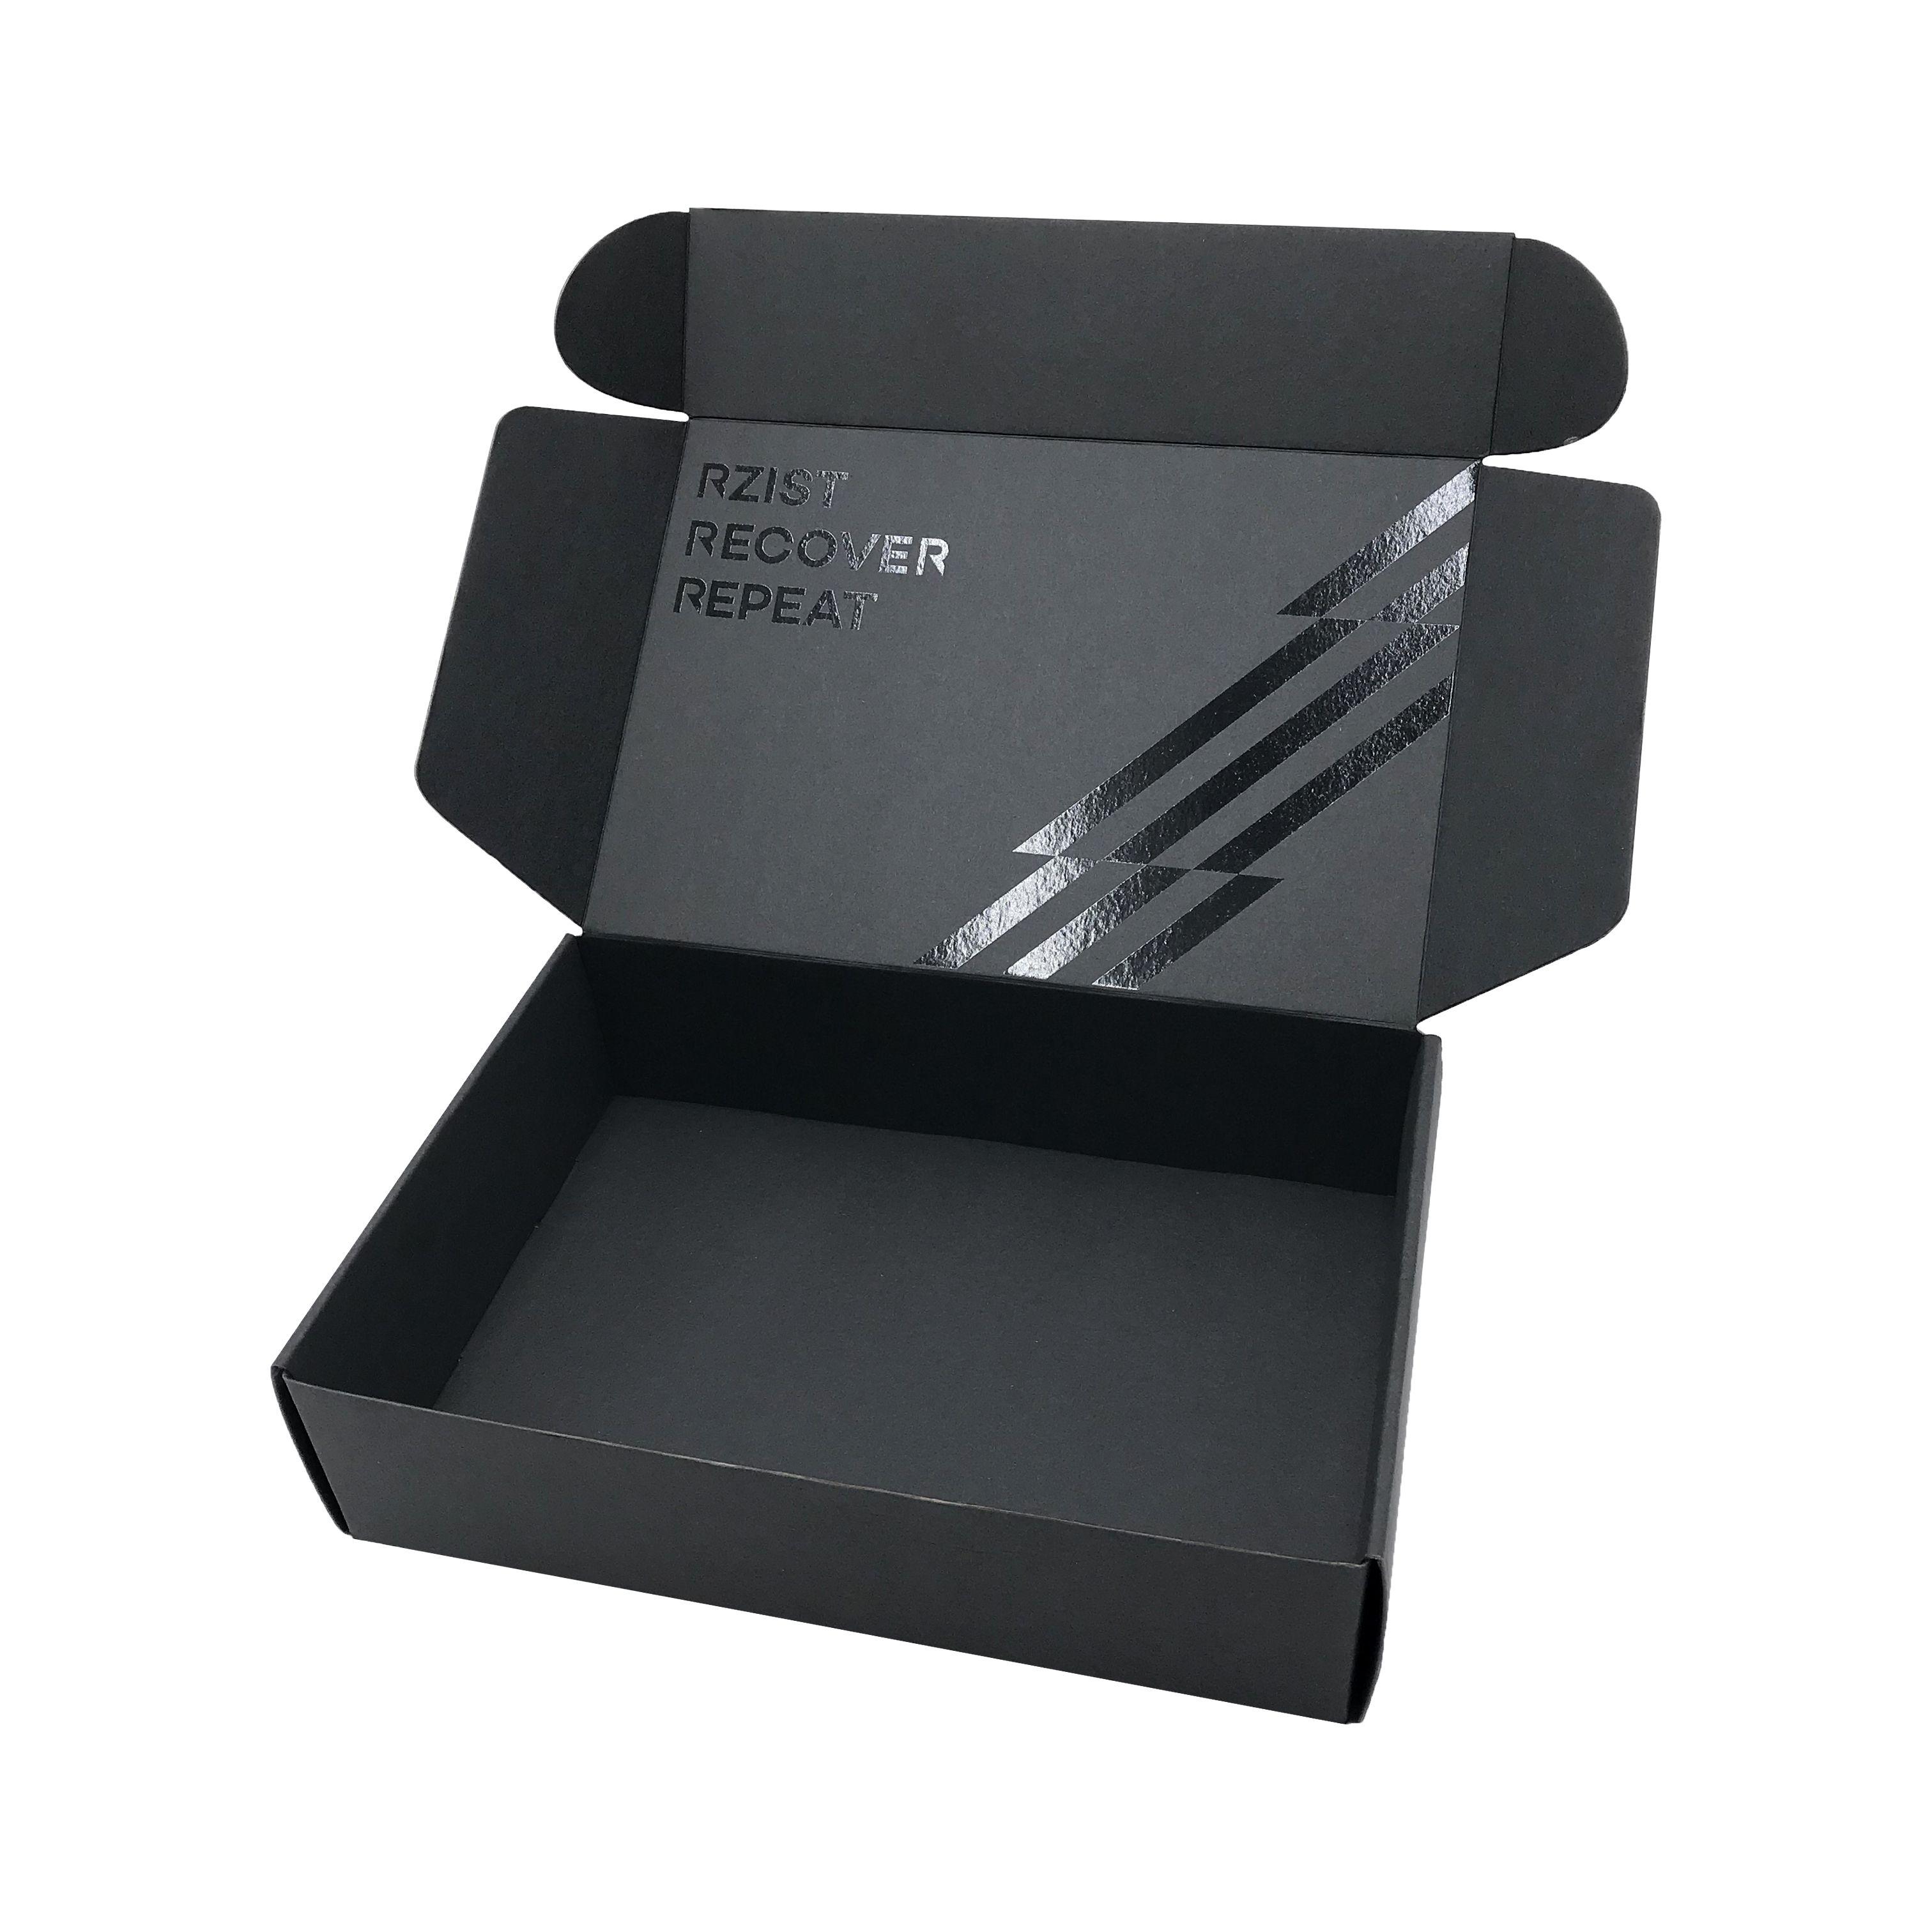 ماتي أسود مربع الشحن مع شعار إعادة تدوير الورق المقوى الصغير مربع البريد الأسود مربع التعبئة والتغليف البريد البريد